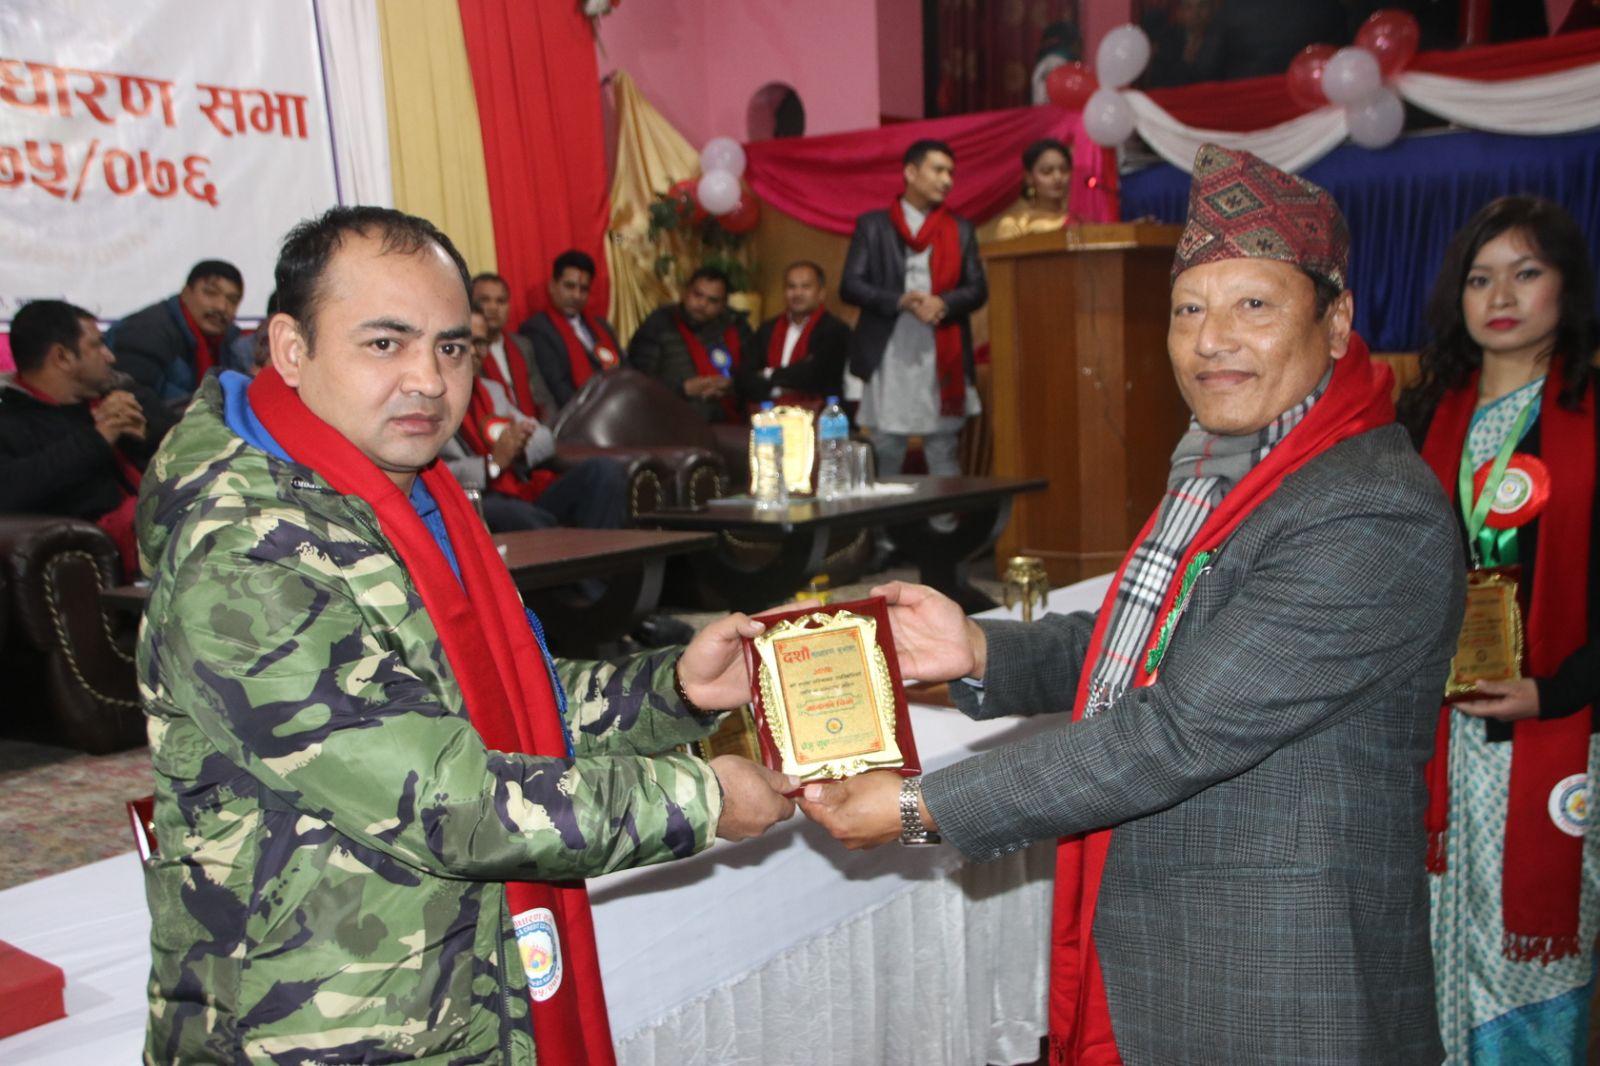 Yubaraj Shrestha